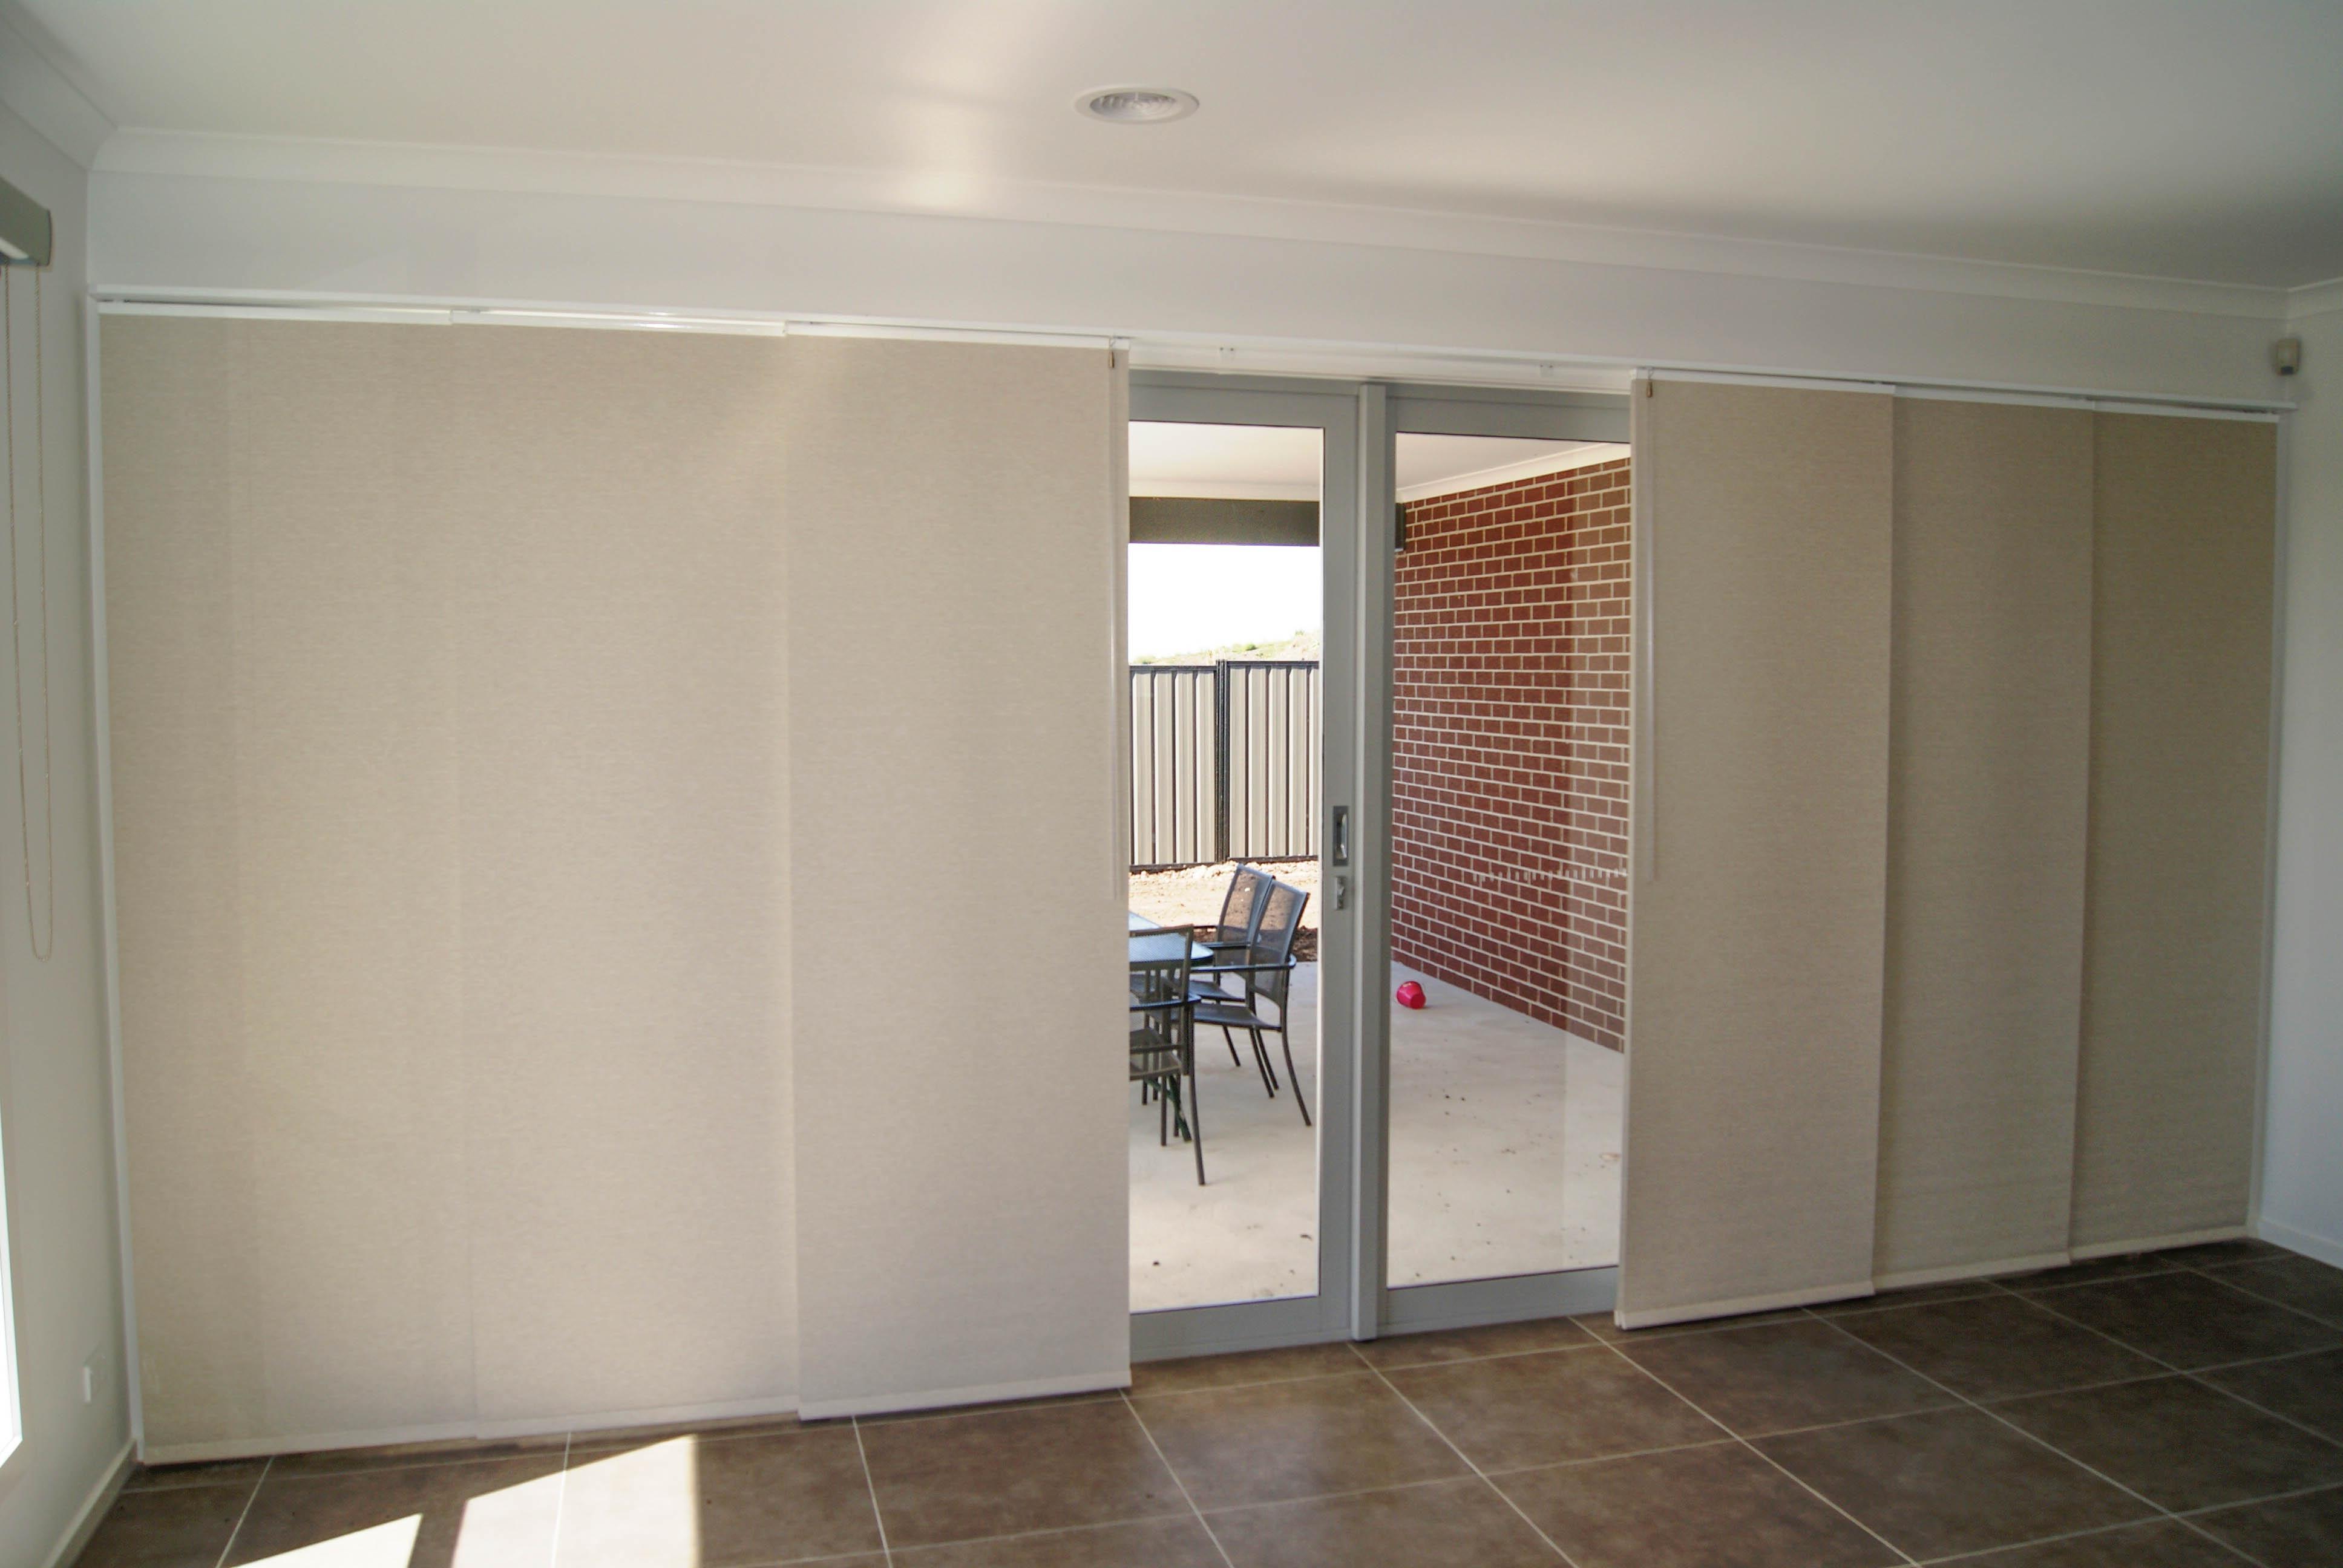 Panel Glide Blinds For Sliding Doors